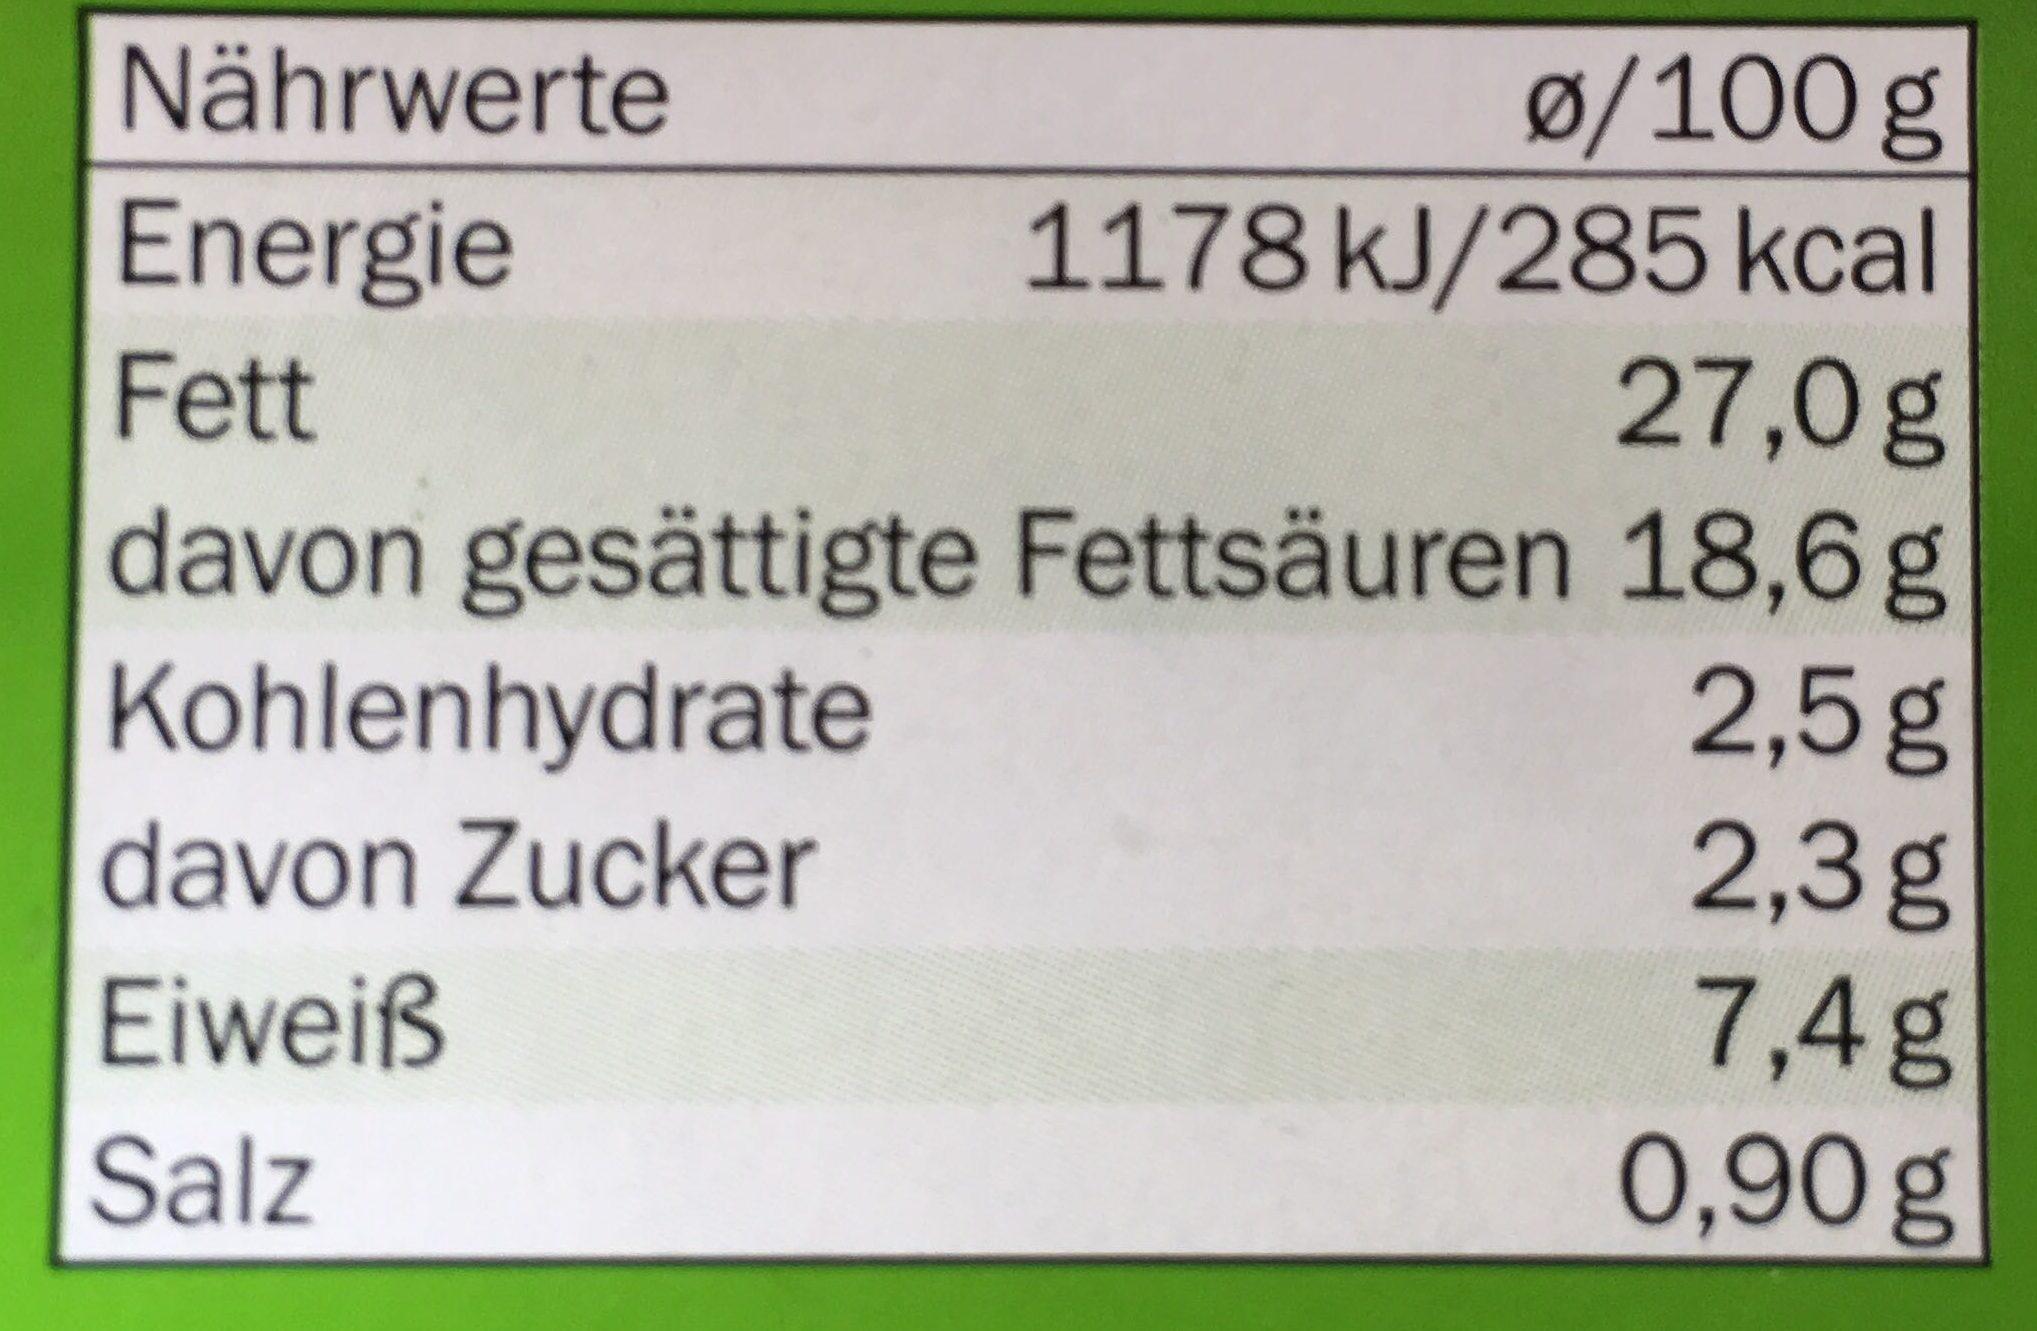 Schnittlauch Gartenfrisch - Nutrition facts